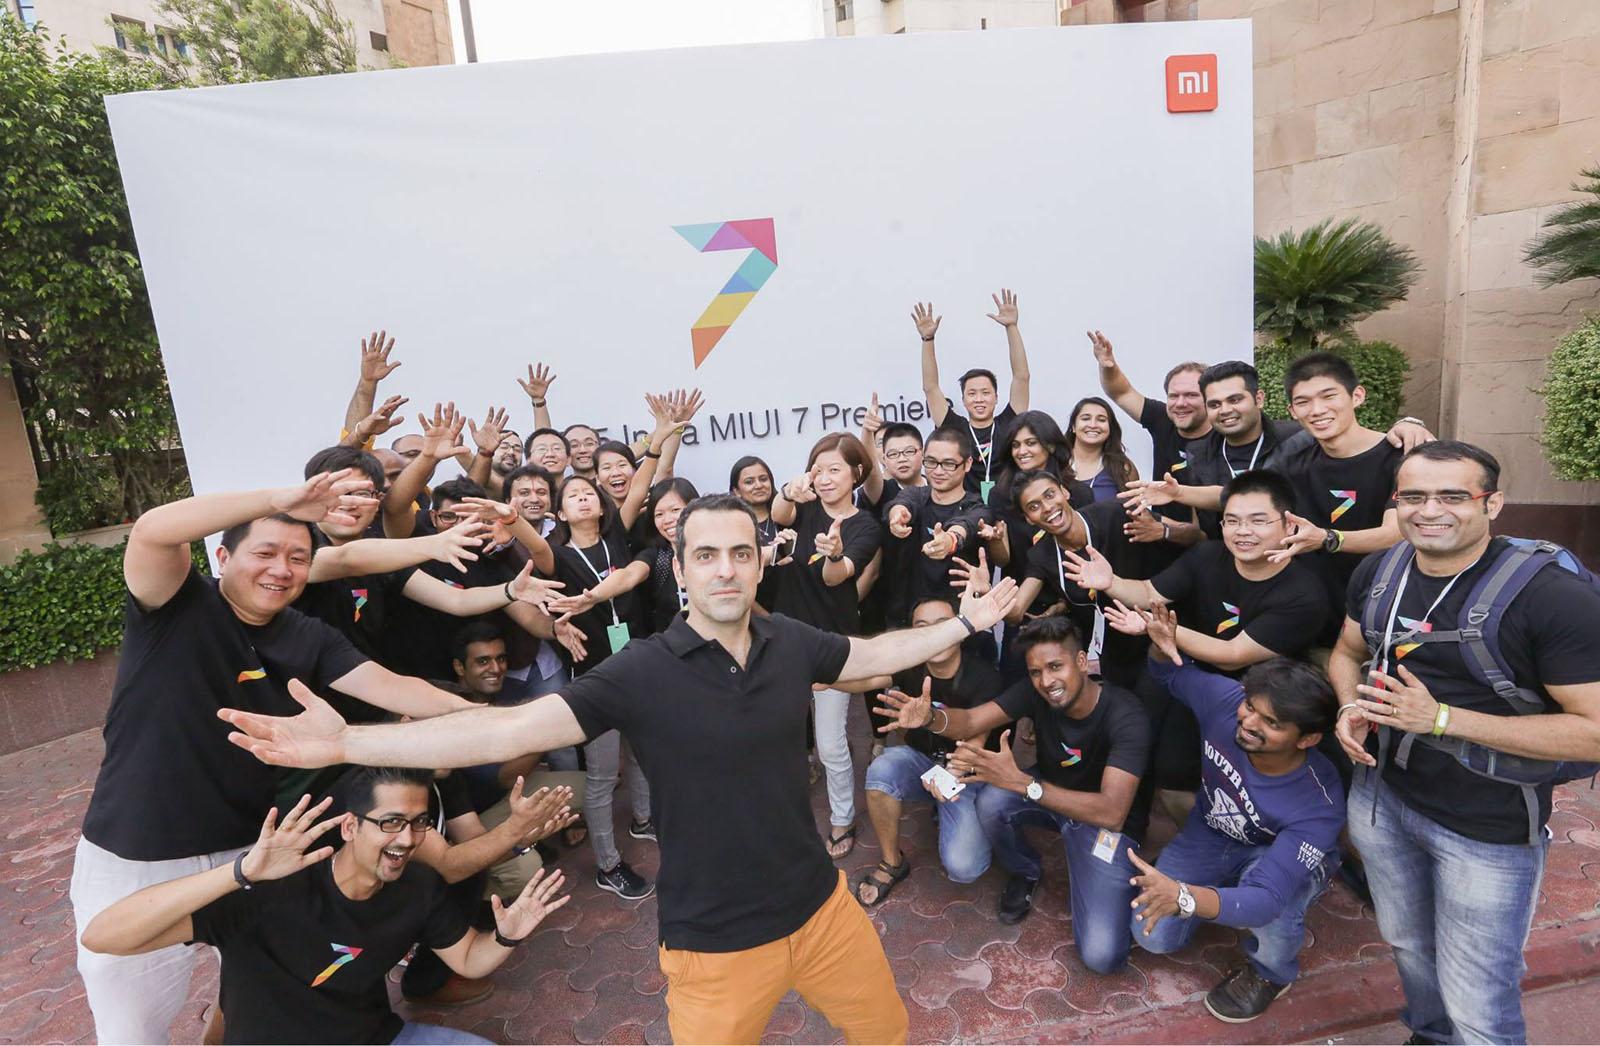 Hugo Barra يعلن ترك Xiaomi للعمل في Silicon Valley من جديد